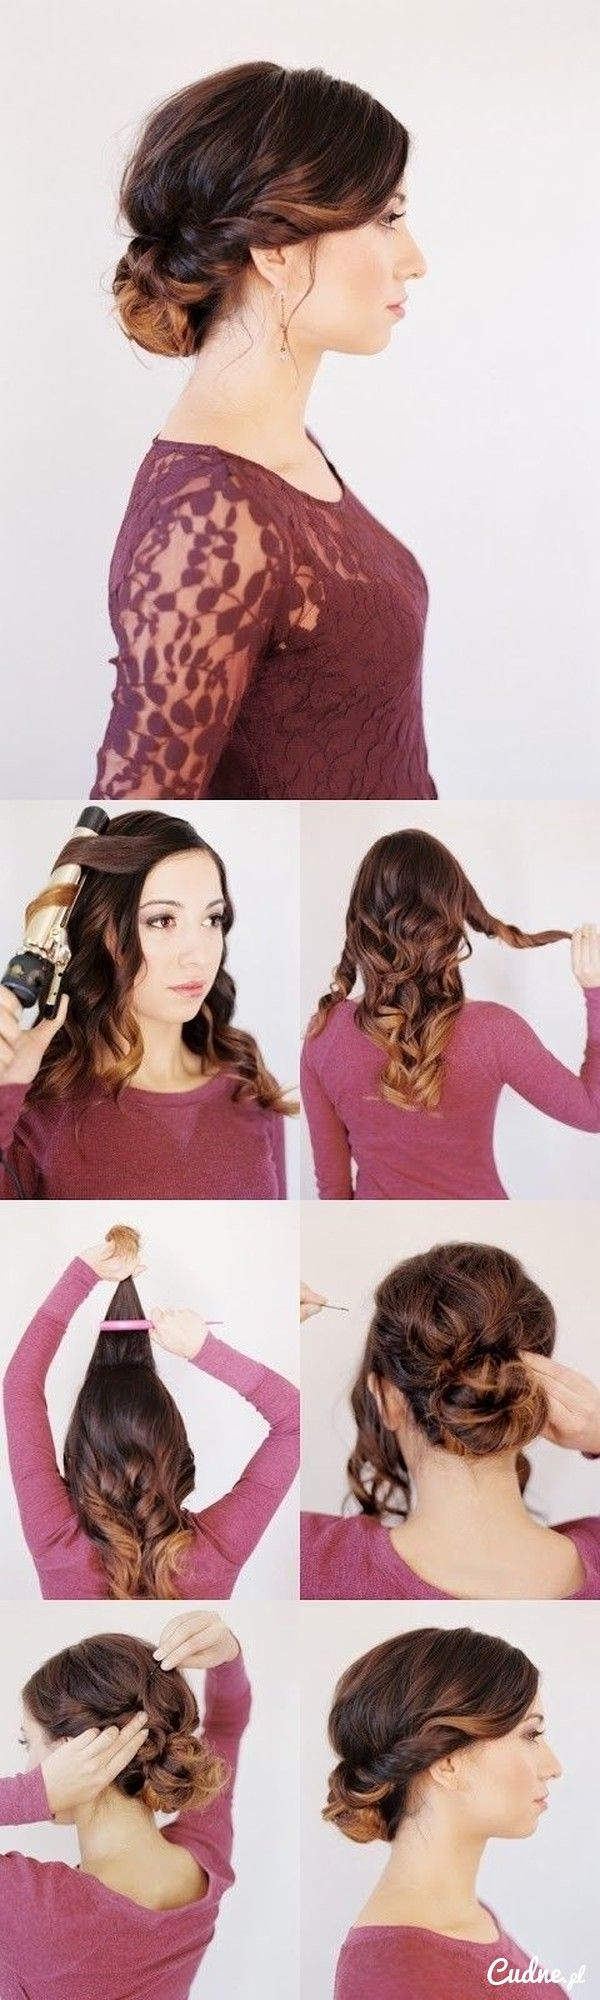 Urocze upięcie na falowane włosy